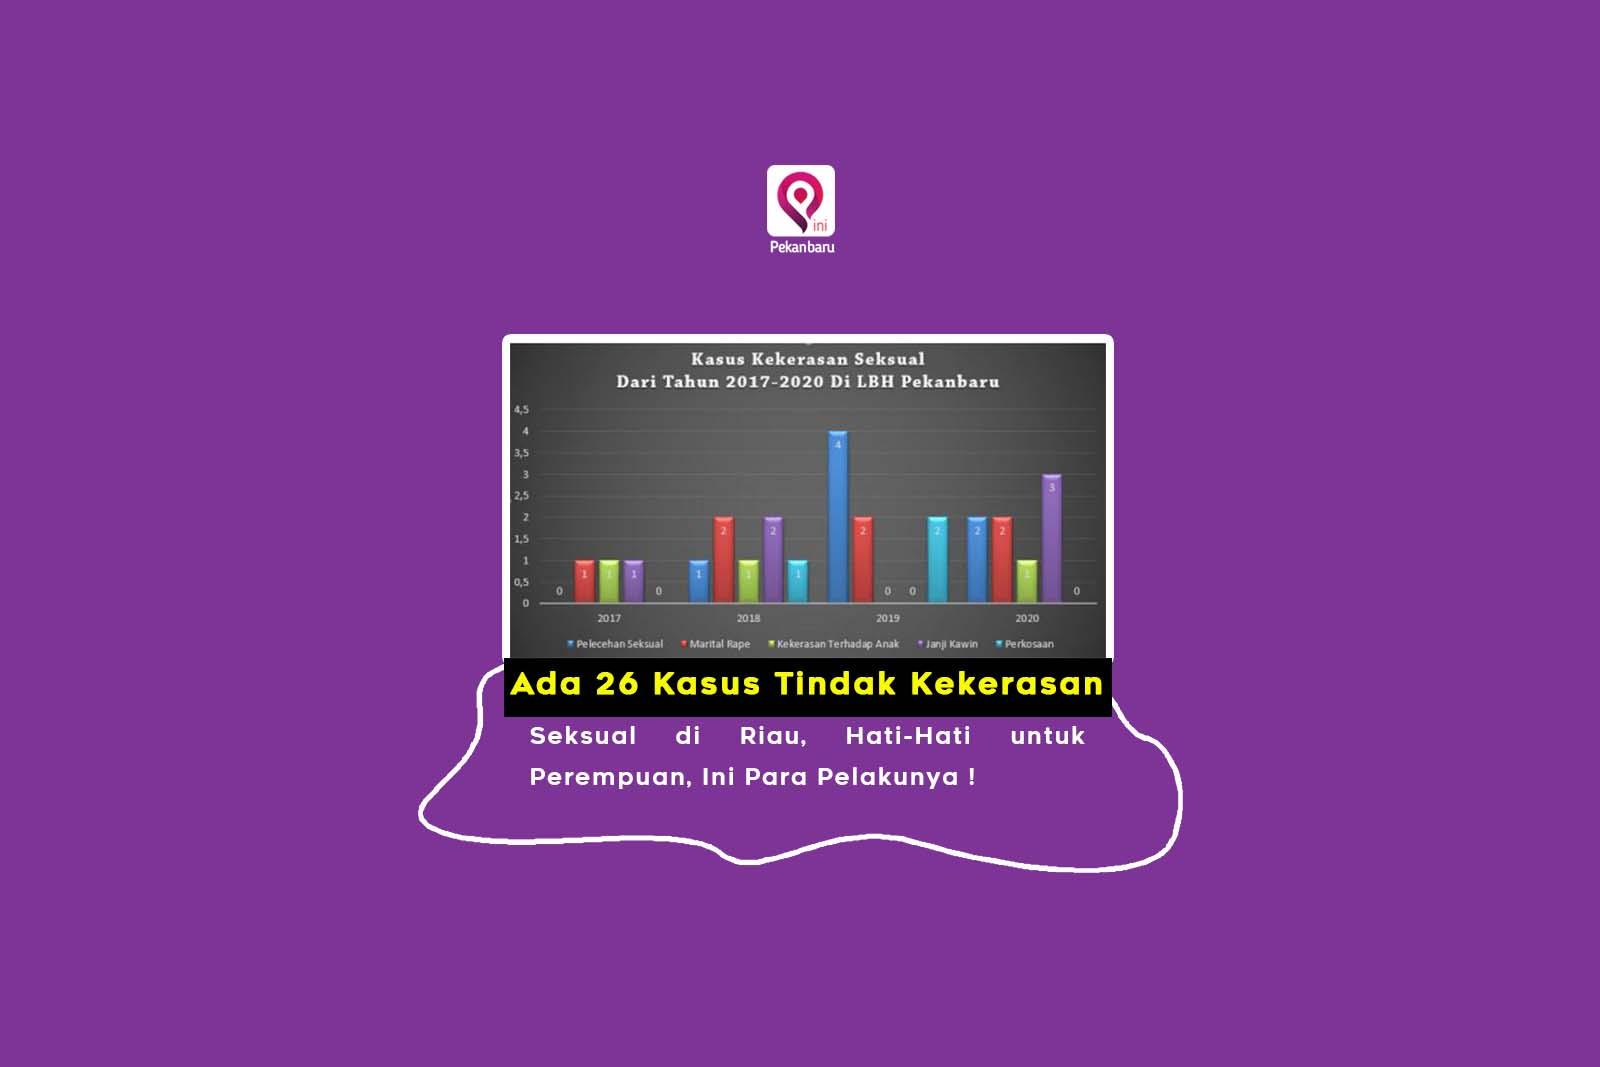 Ada 26 Kasus Tindak Kekerasan Seksual di Riau, Hati-Hati untuk Perempuan, Ini Para Pelakunya !